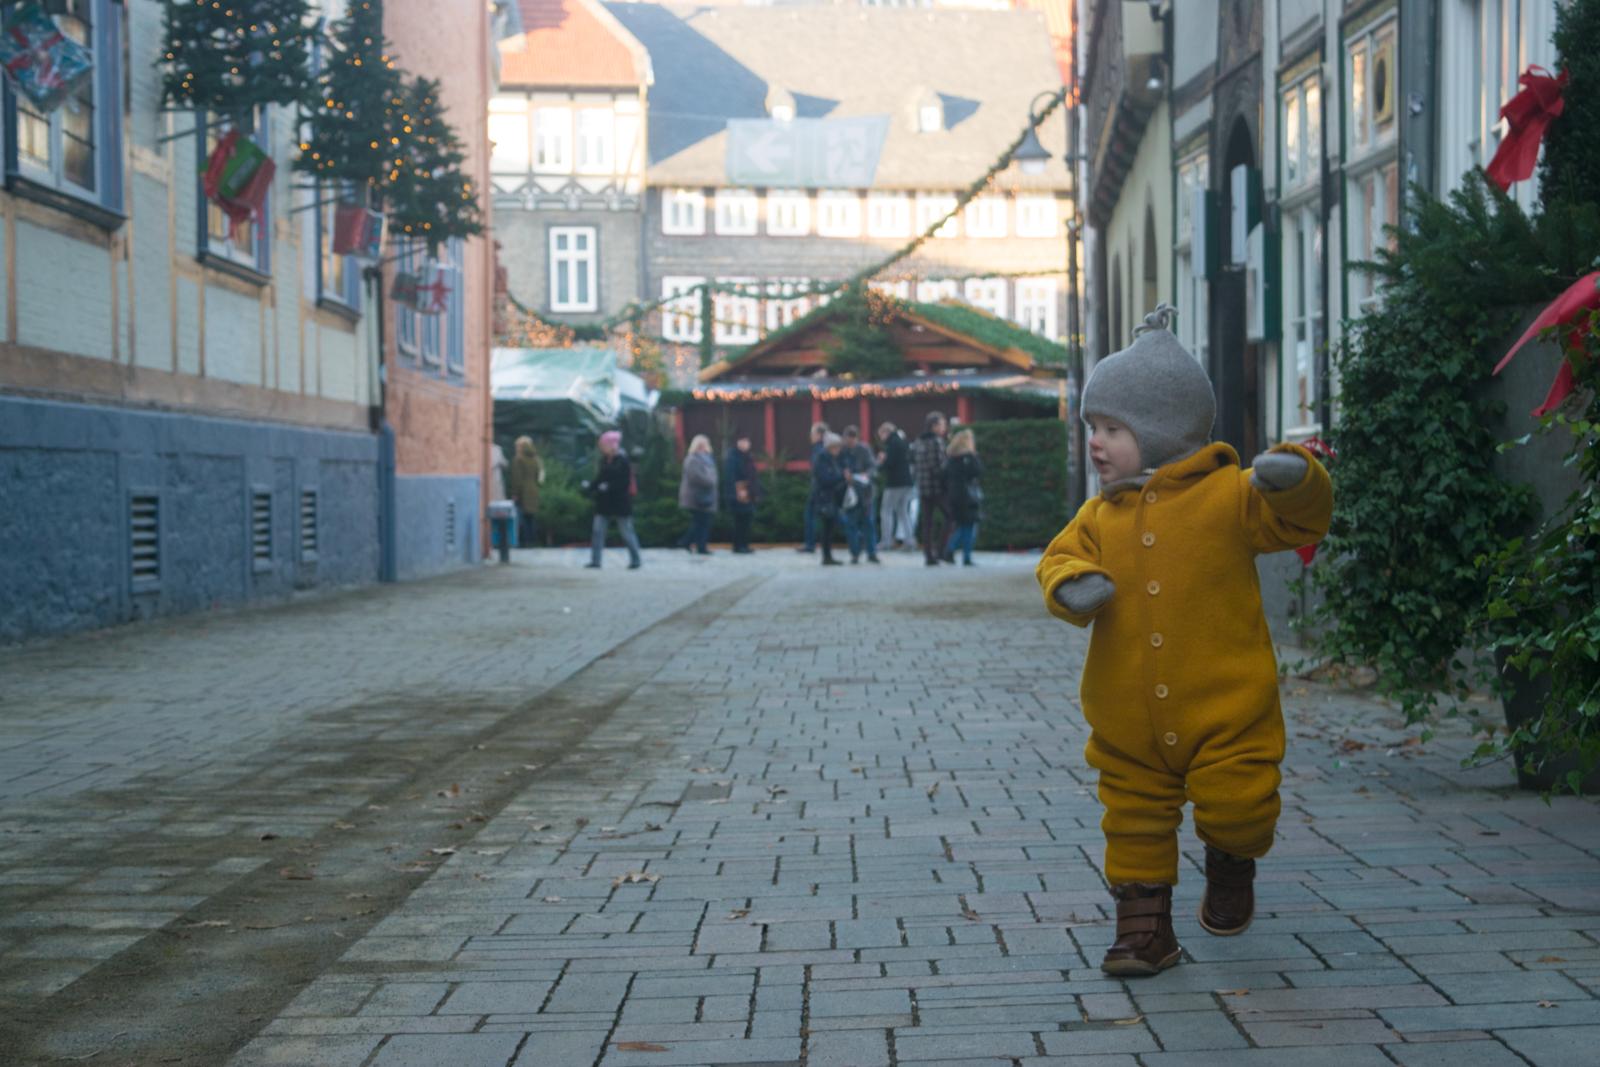 Weihnachtsmarkt Goslar Weihnachtsmarkt Abends Nachts Tags trendshock heimat harz schönster weihnachtsmarkt glitzer leuchten kerzen bratwurst glühwein schiefer brunnen